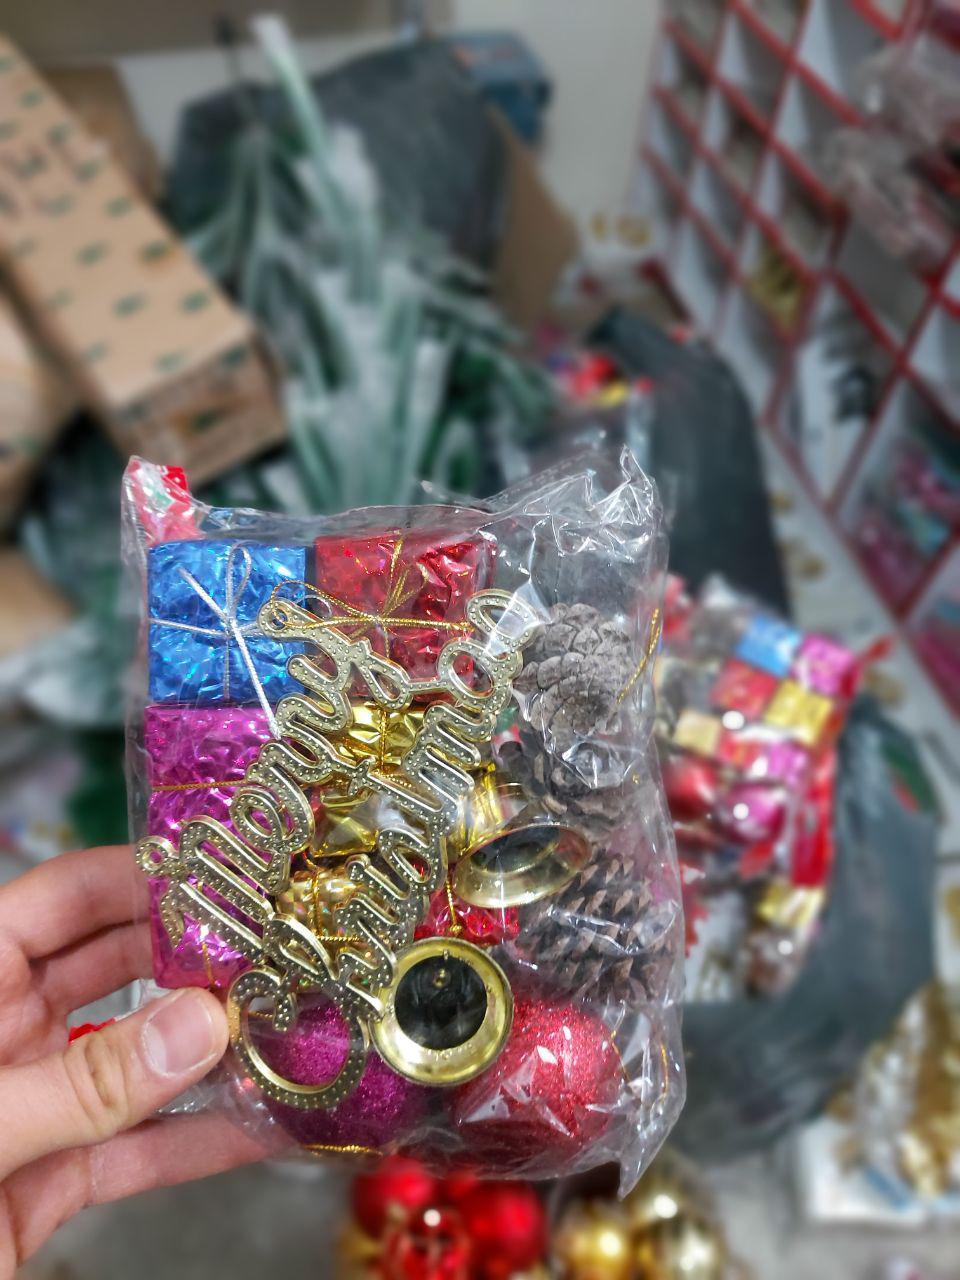 قیمت عمده لوازم کریسمس ست کریسمس